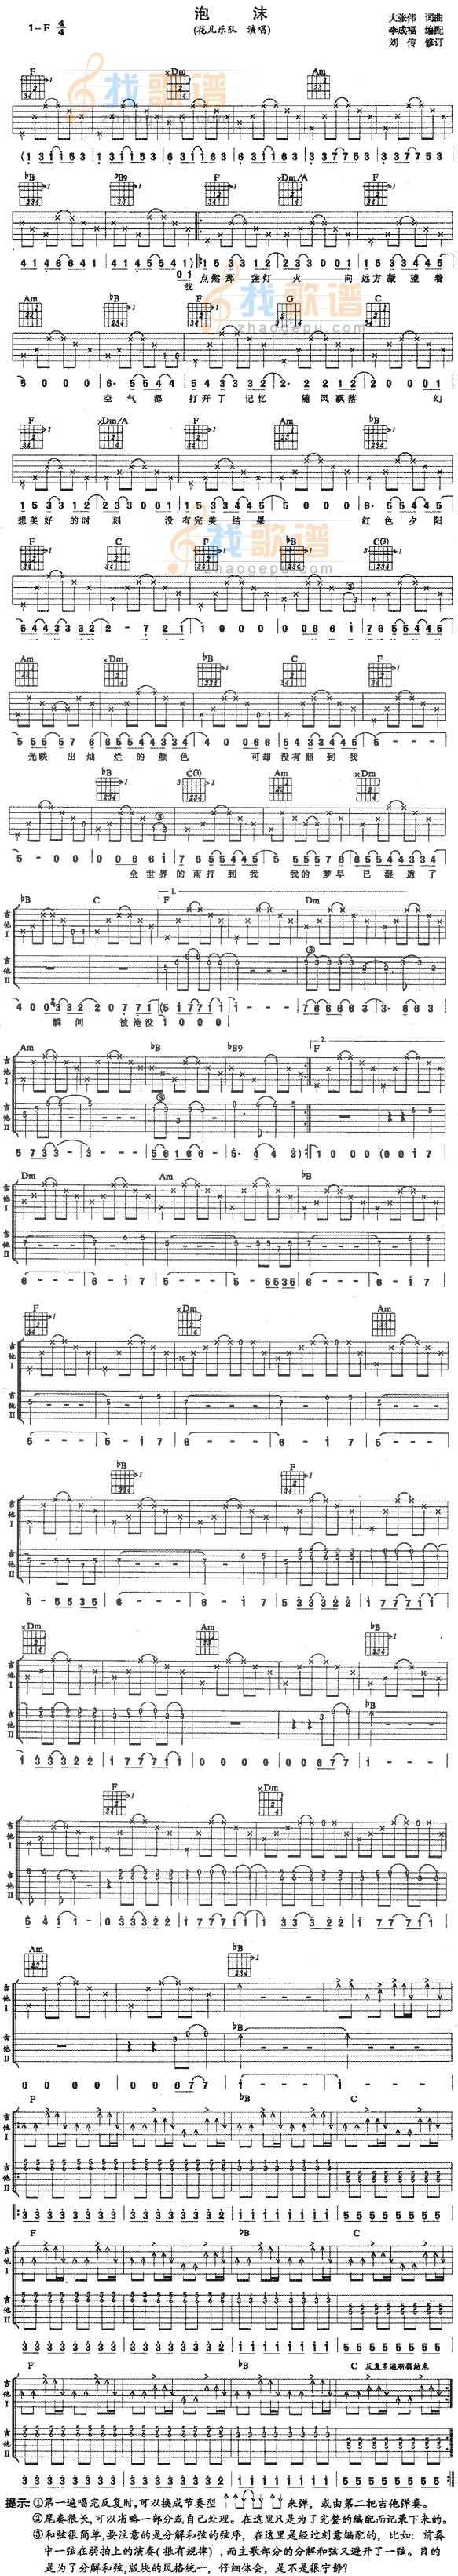 泡沫(邓紫棋)的钢琴简谱,要那种数字的哦图片